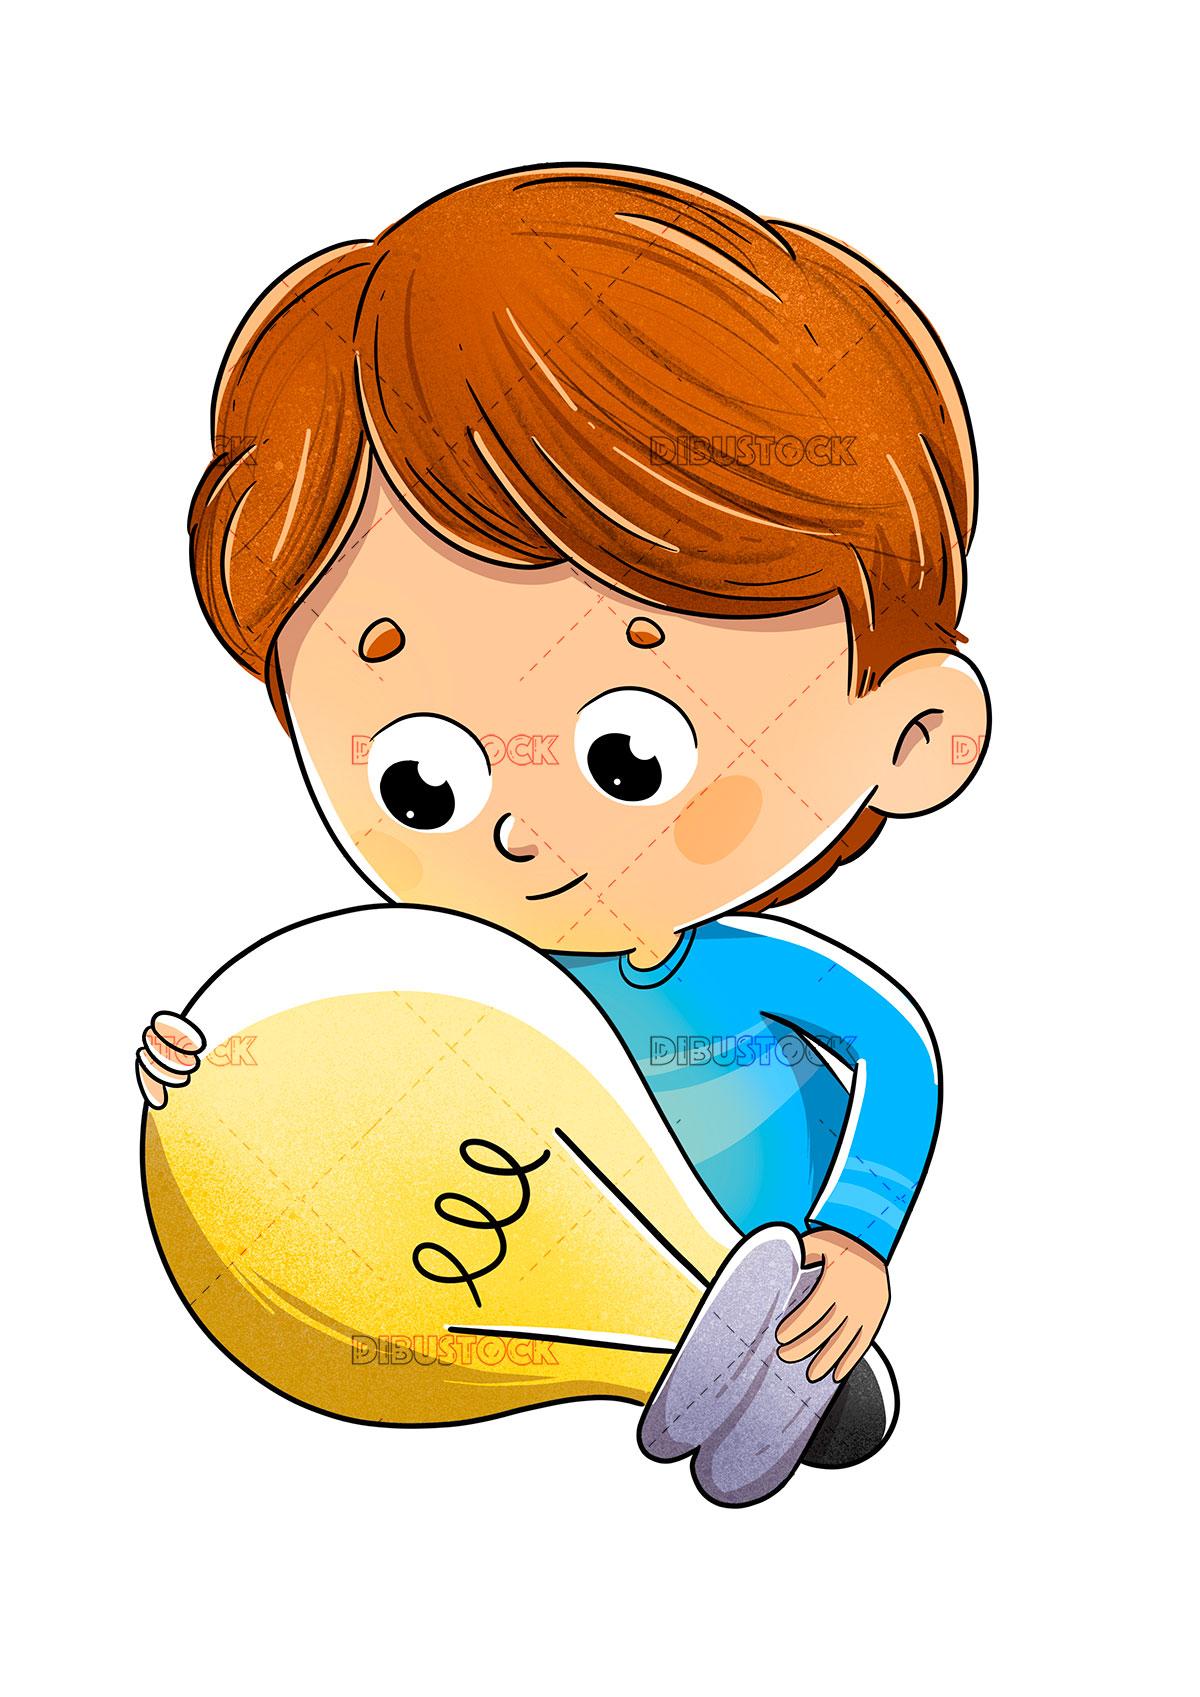 Boy with a light bulb who has had an idea